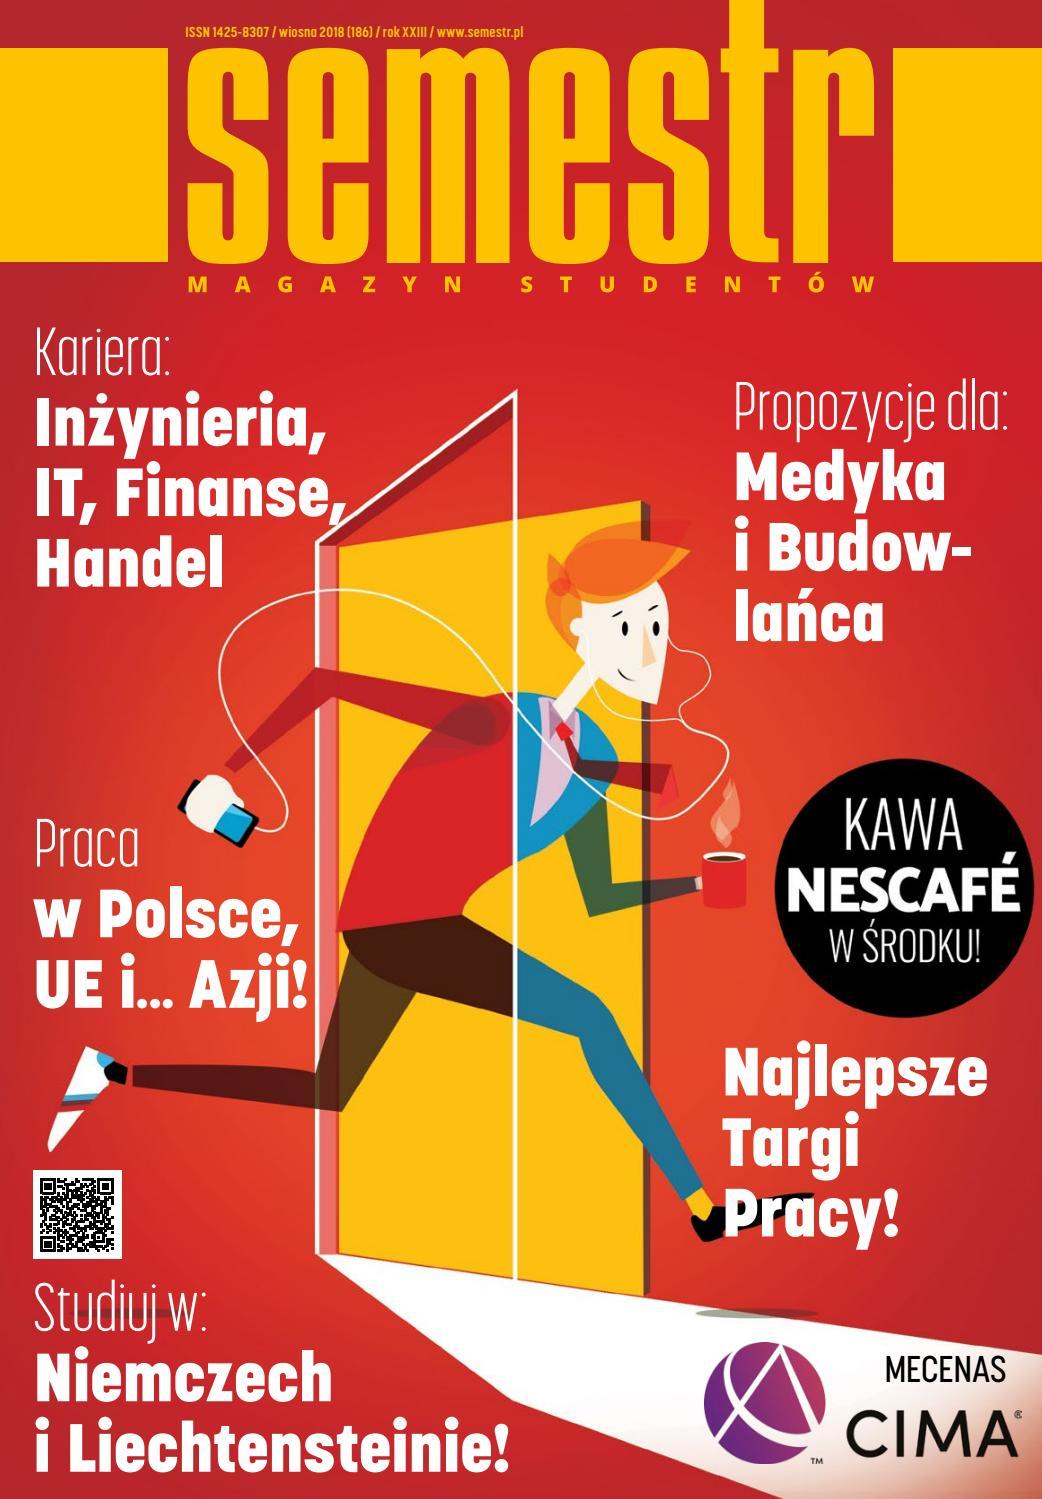 8fa09bfdb5 Magazyn SEMESTR Wydanie Wiosna 2018 by Magazyn SEMESTR - issuu